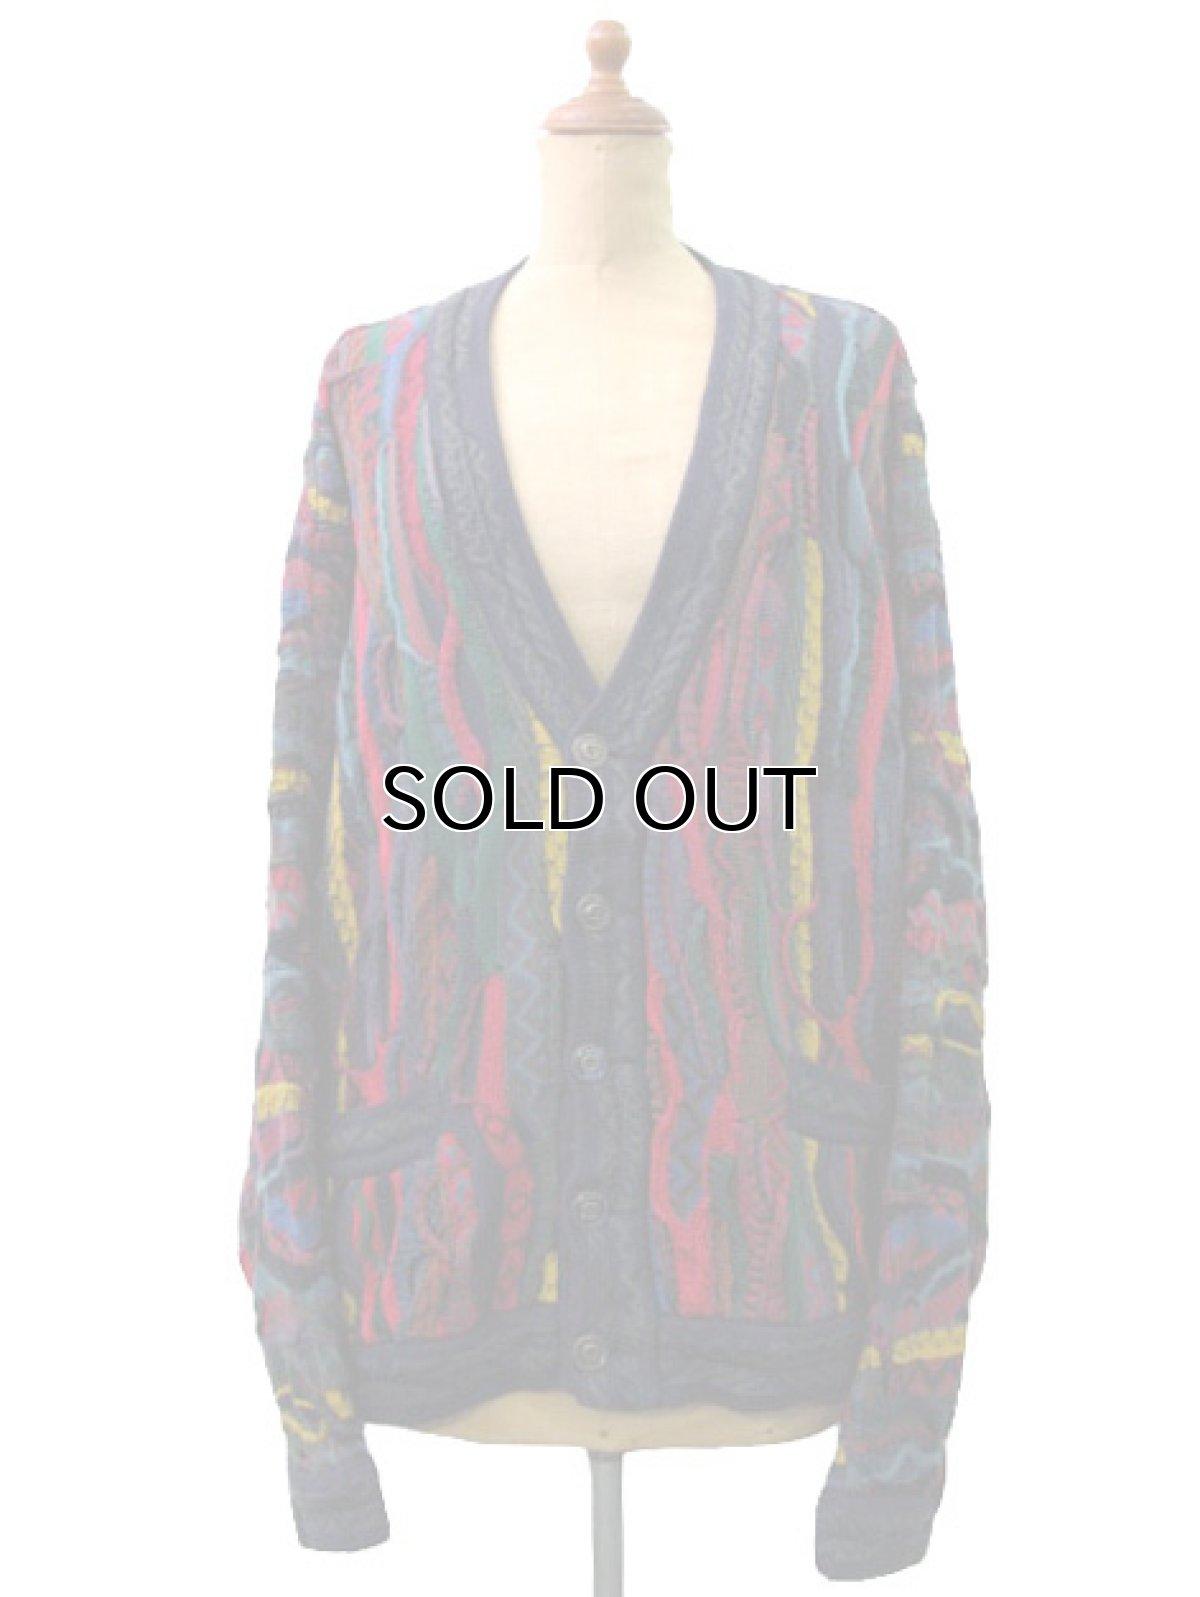 """画像1: """"COOGI"""" Multi Color Cotton Knit Cardigan made in Australia   size  M  (表記 M) (1)"""